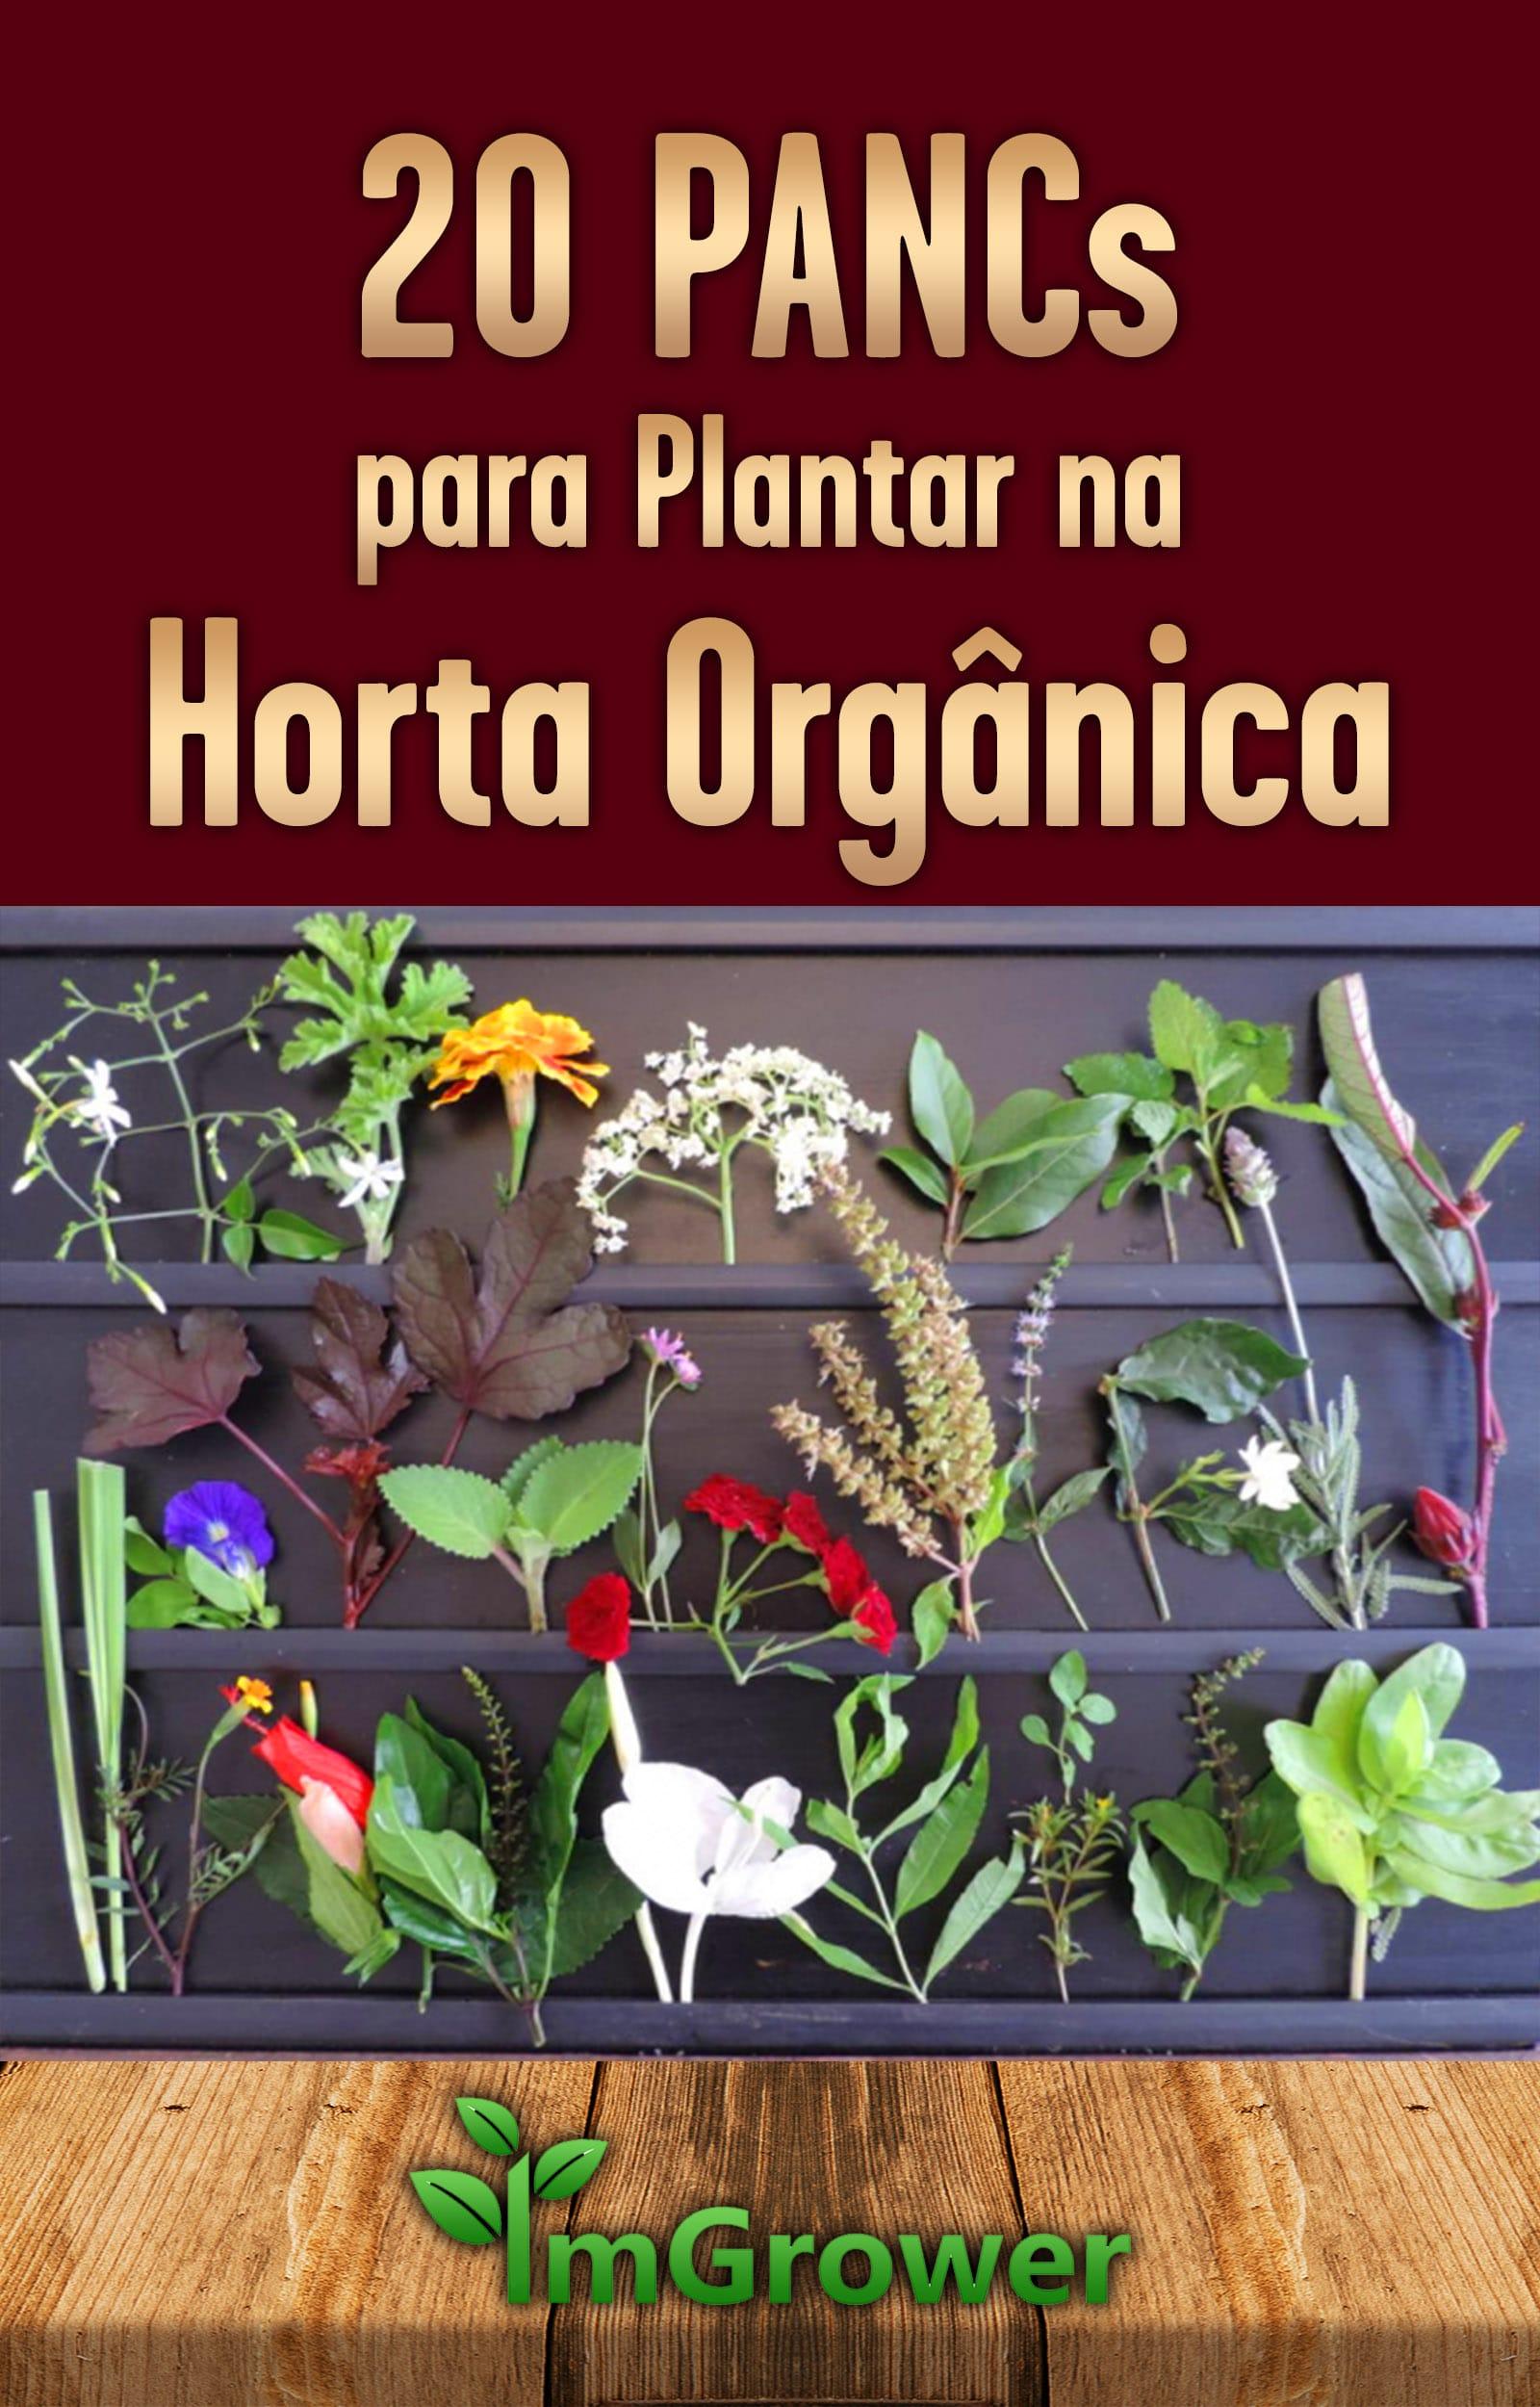 e-book-20-pancs-para-plantar-na-horta-organica-imgrower-1